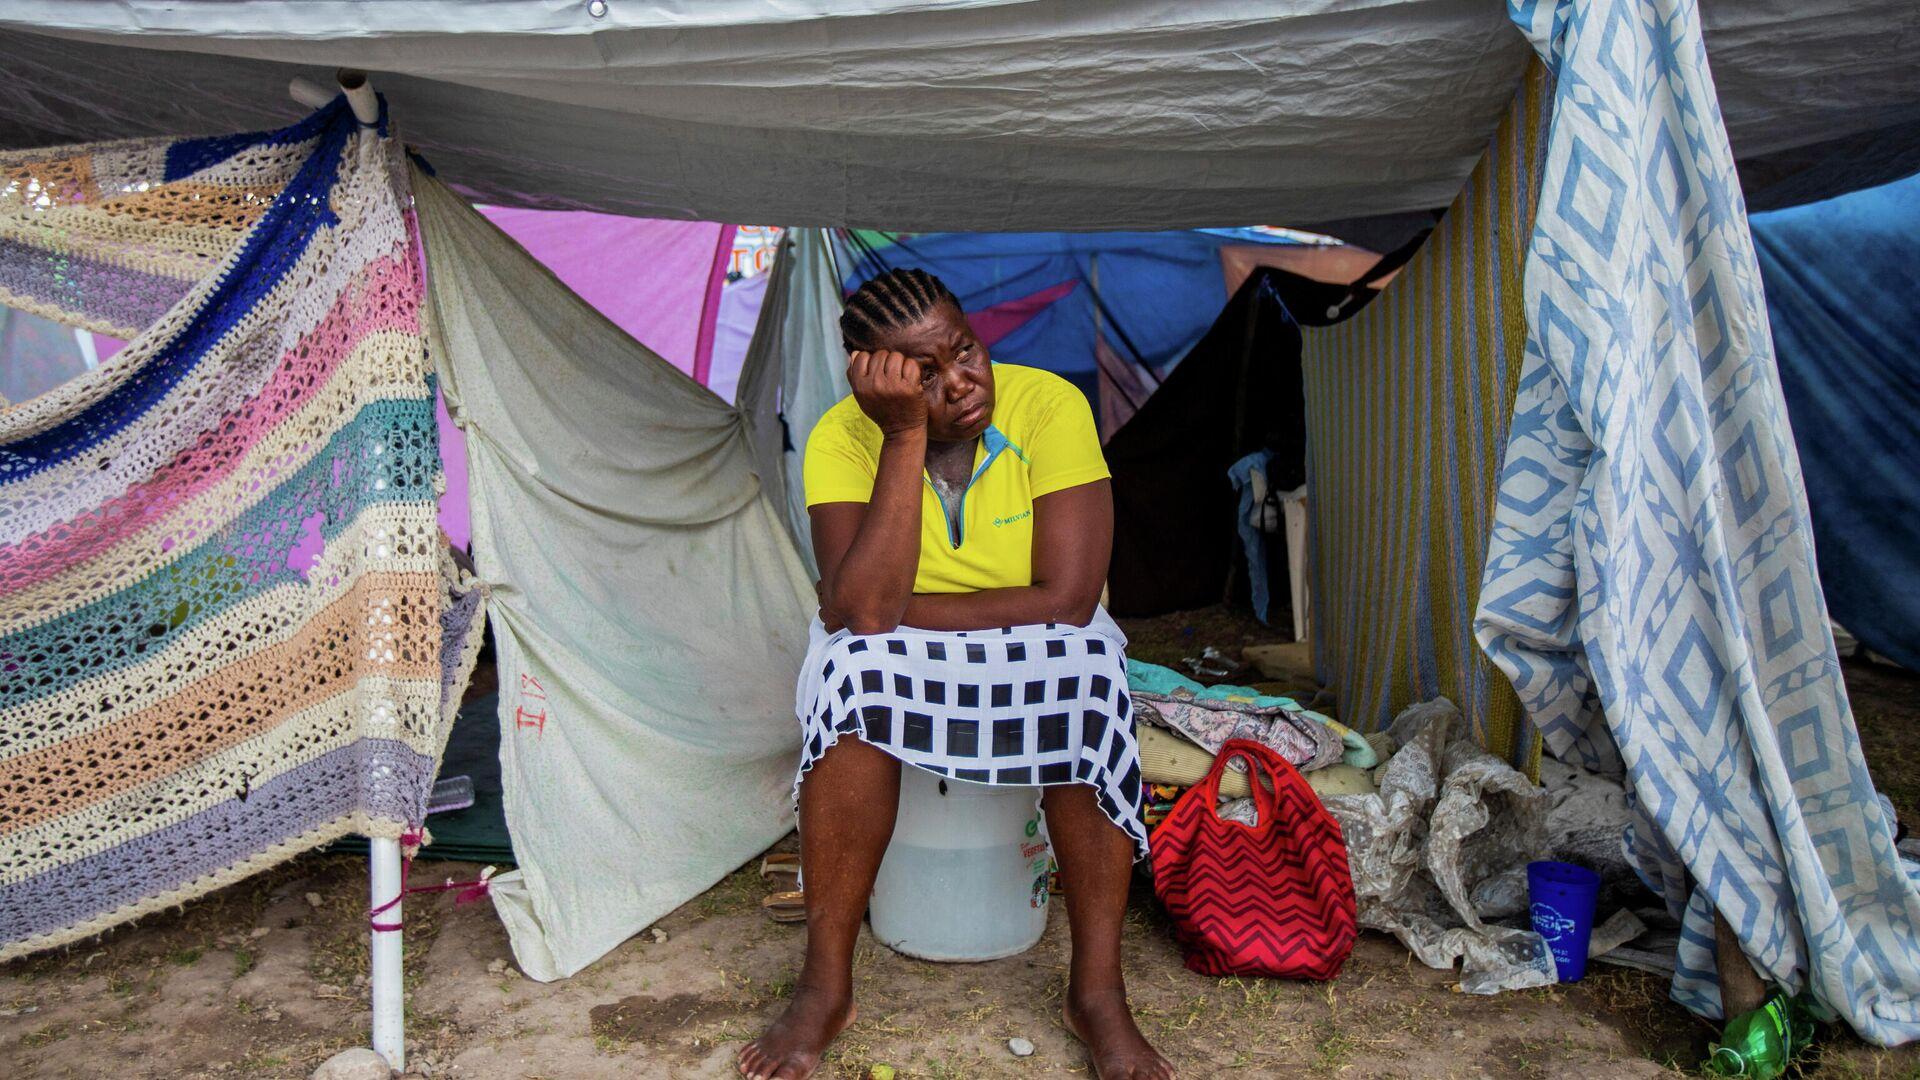 Consecuencias del terremoto en Haití - Sputnik Mundo, 1920, 03.09.2021